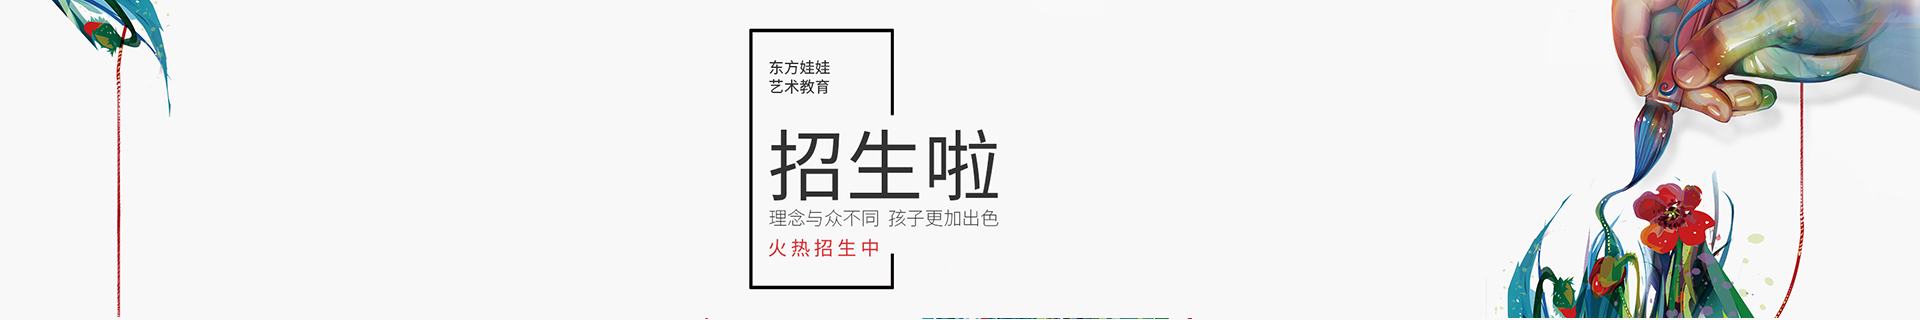 南京建邺区应天大街东方娃娃美术培训